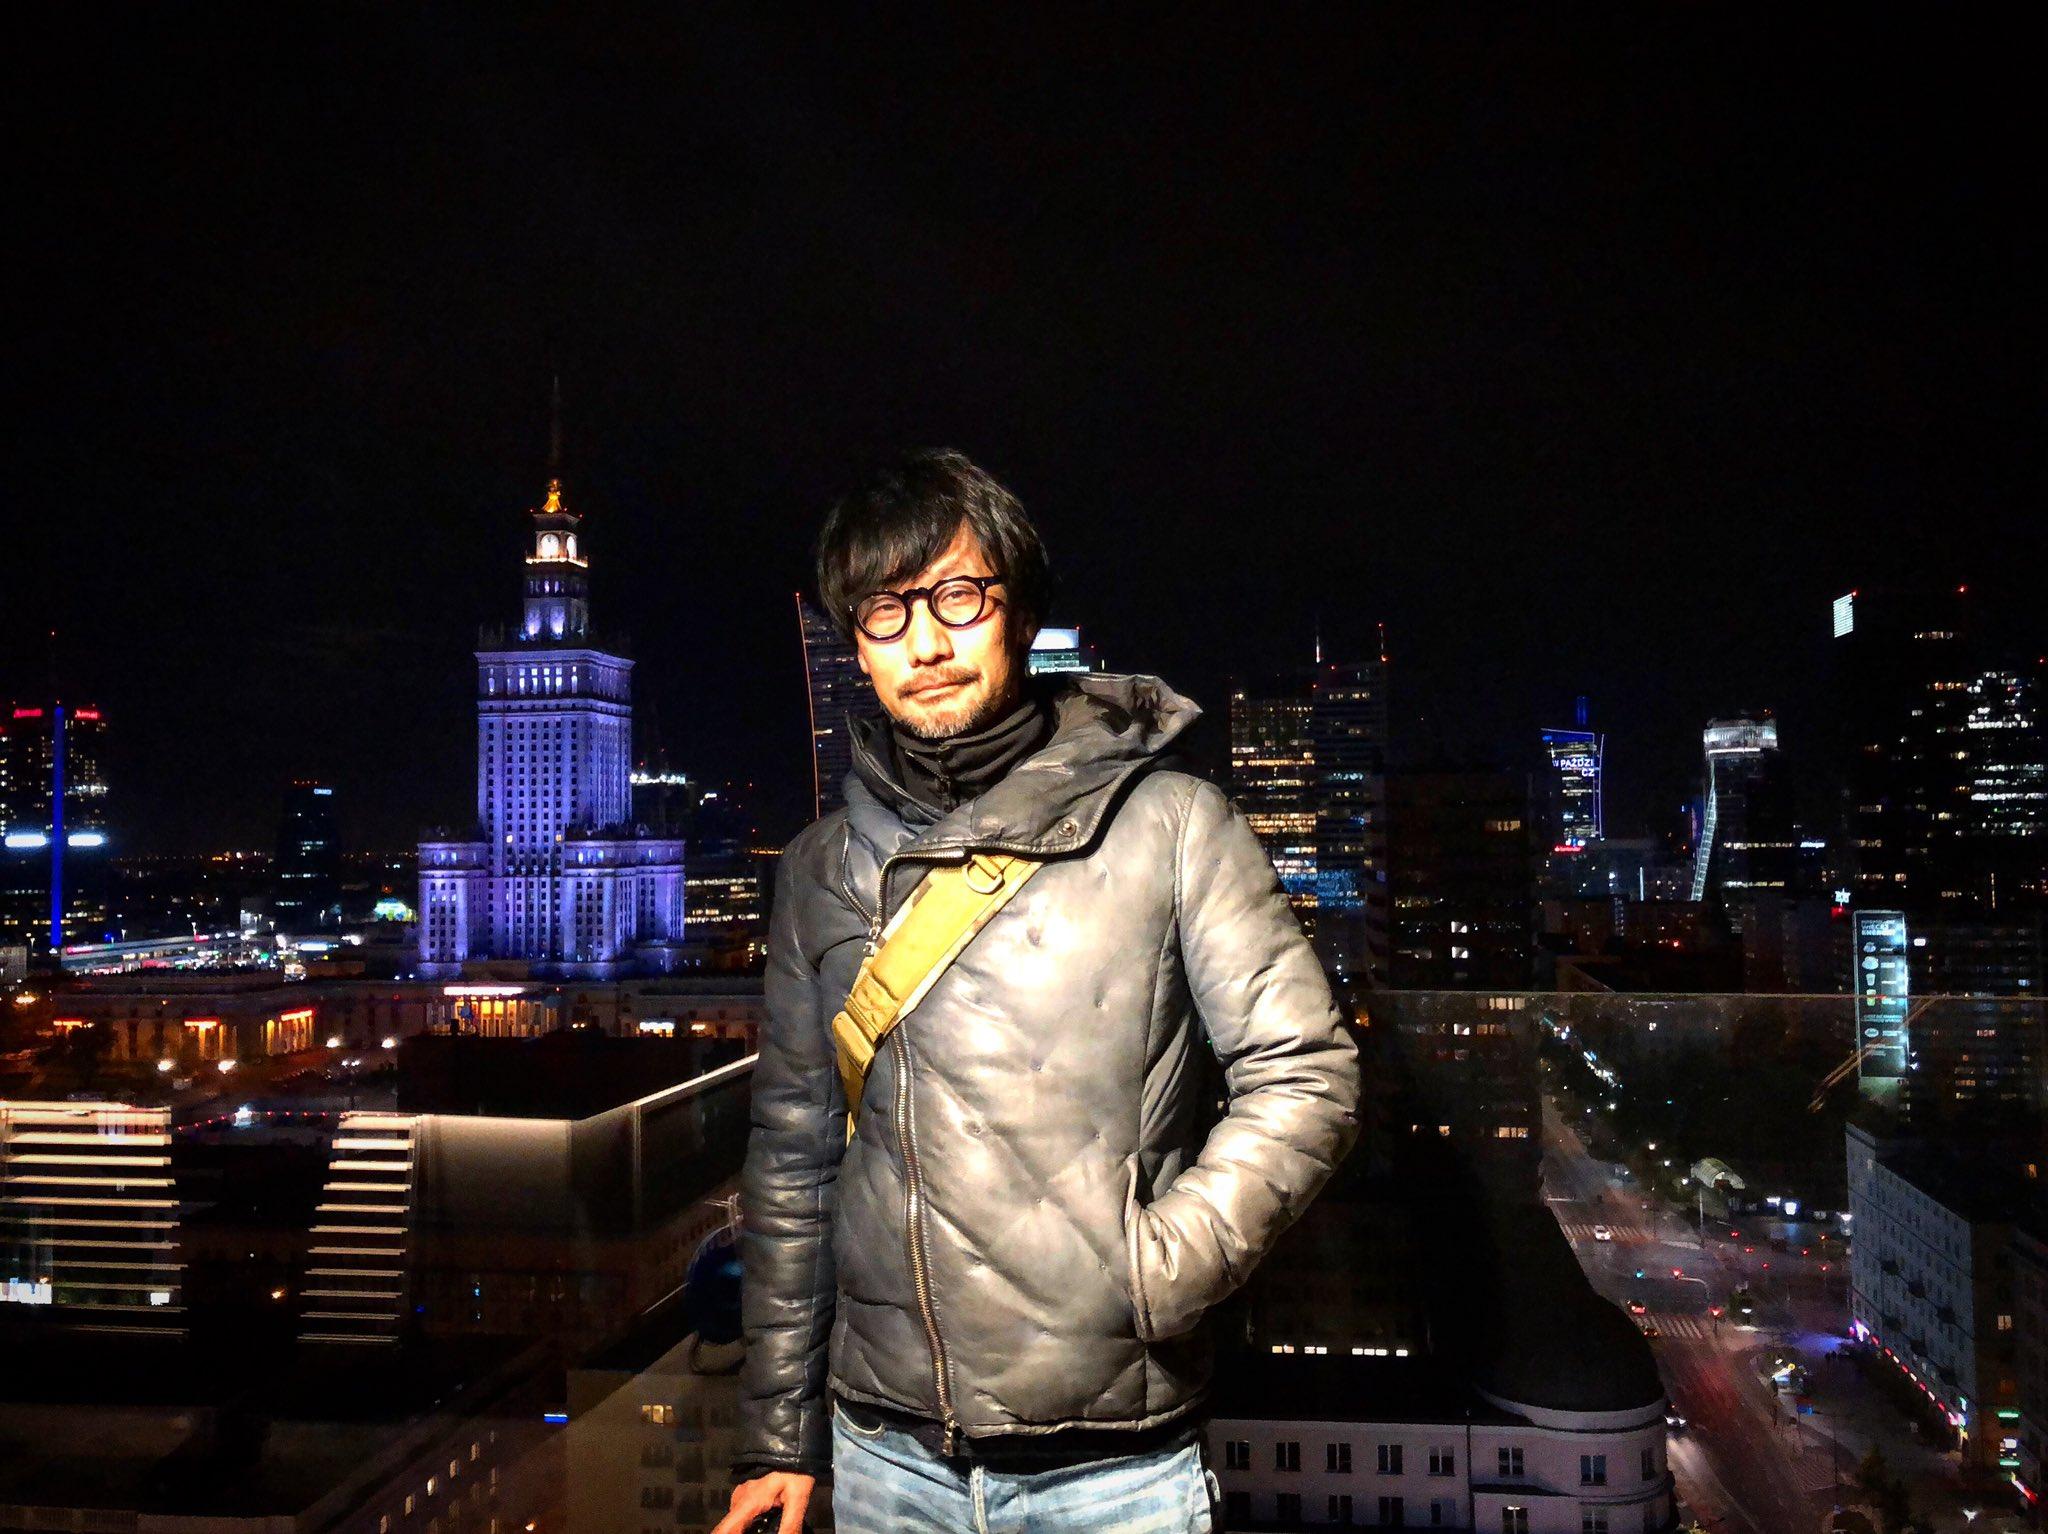 小岛秀夫造访CDPR了!还拍下了华沙美丽的夜景